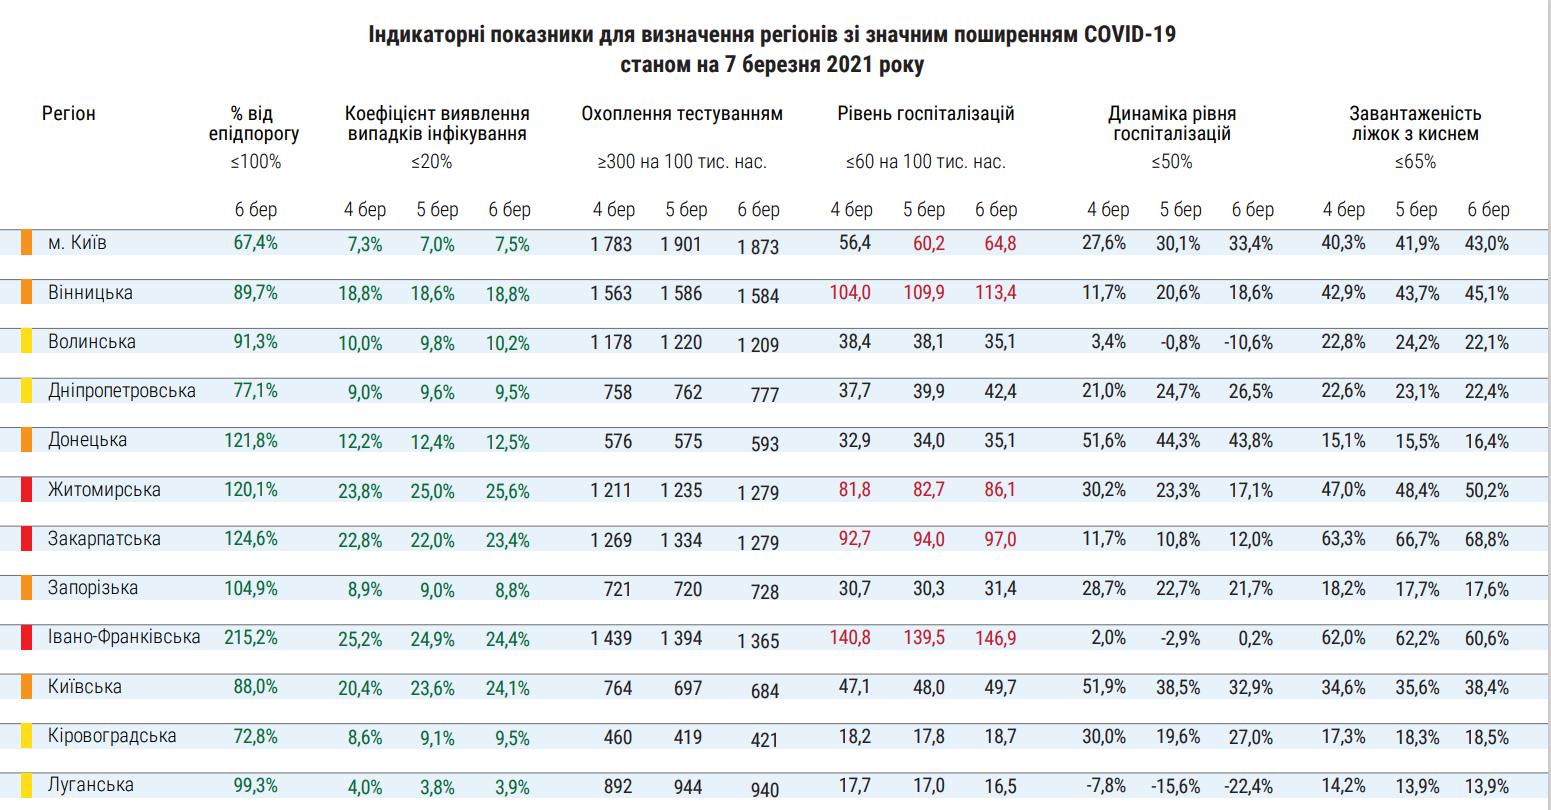 Статистика госпіталізацій через COVID-19 в Україні